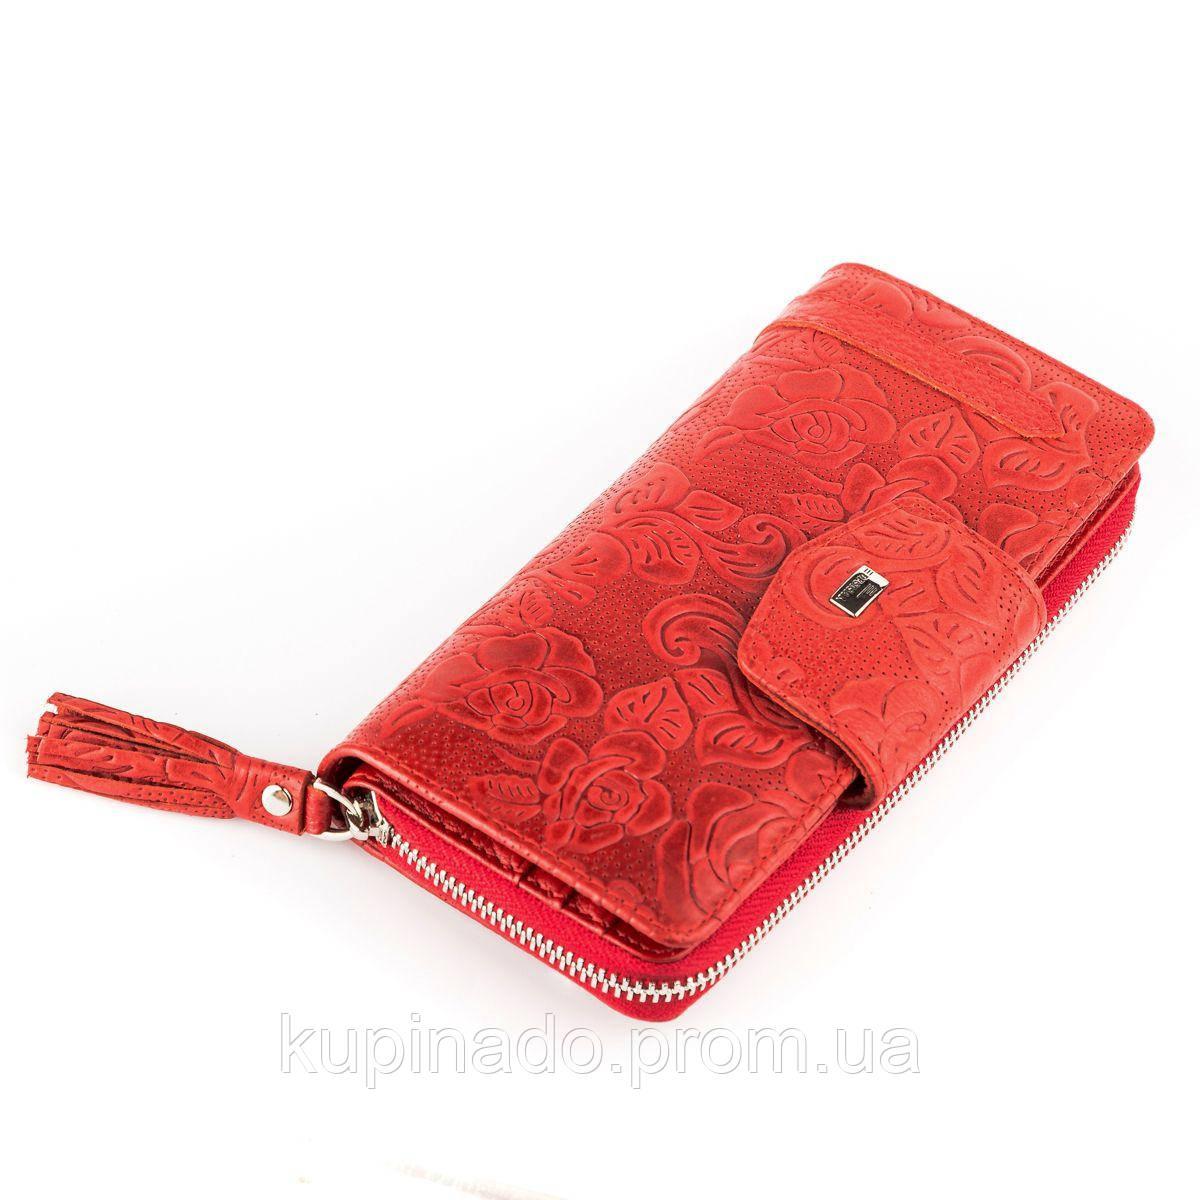 Женский кошелек Desisan 17060 кожаный Красный, Красный